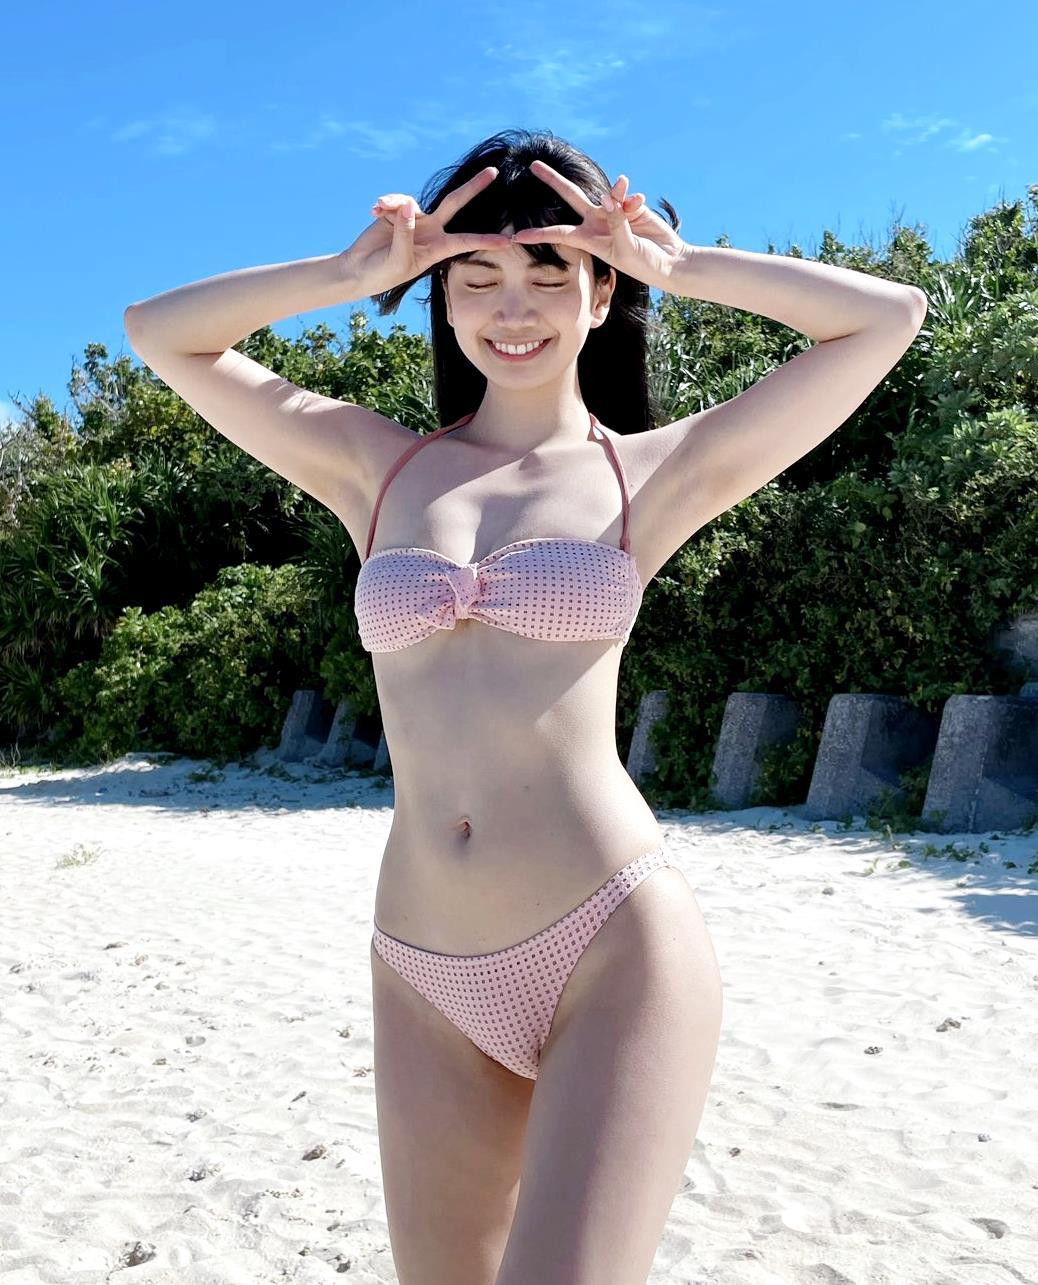 源藤アンリの美腋 (2)